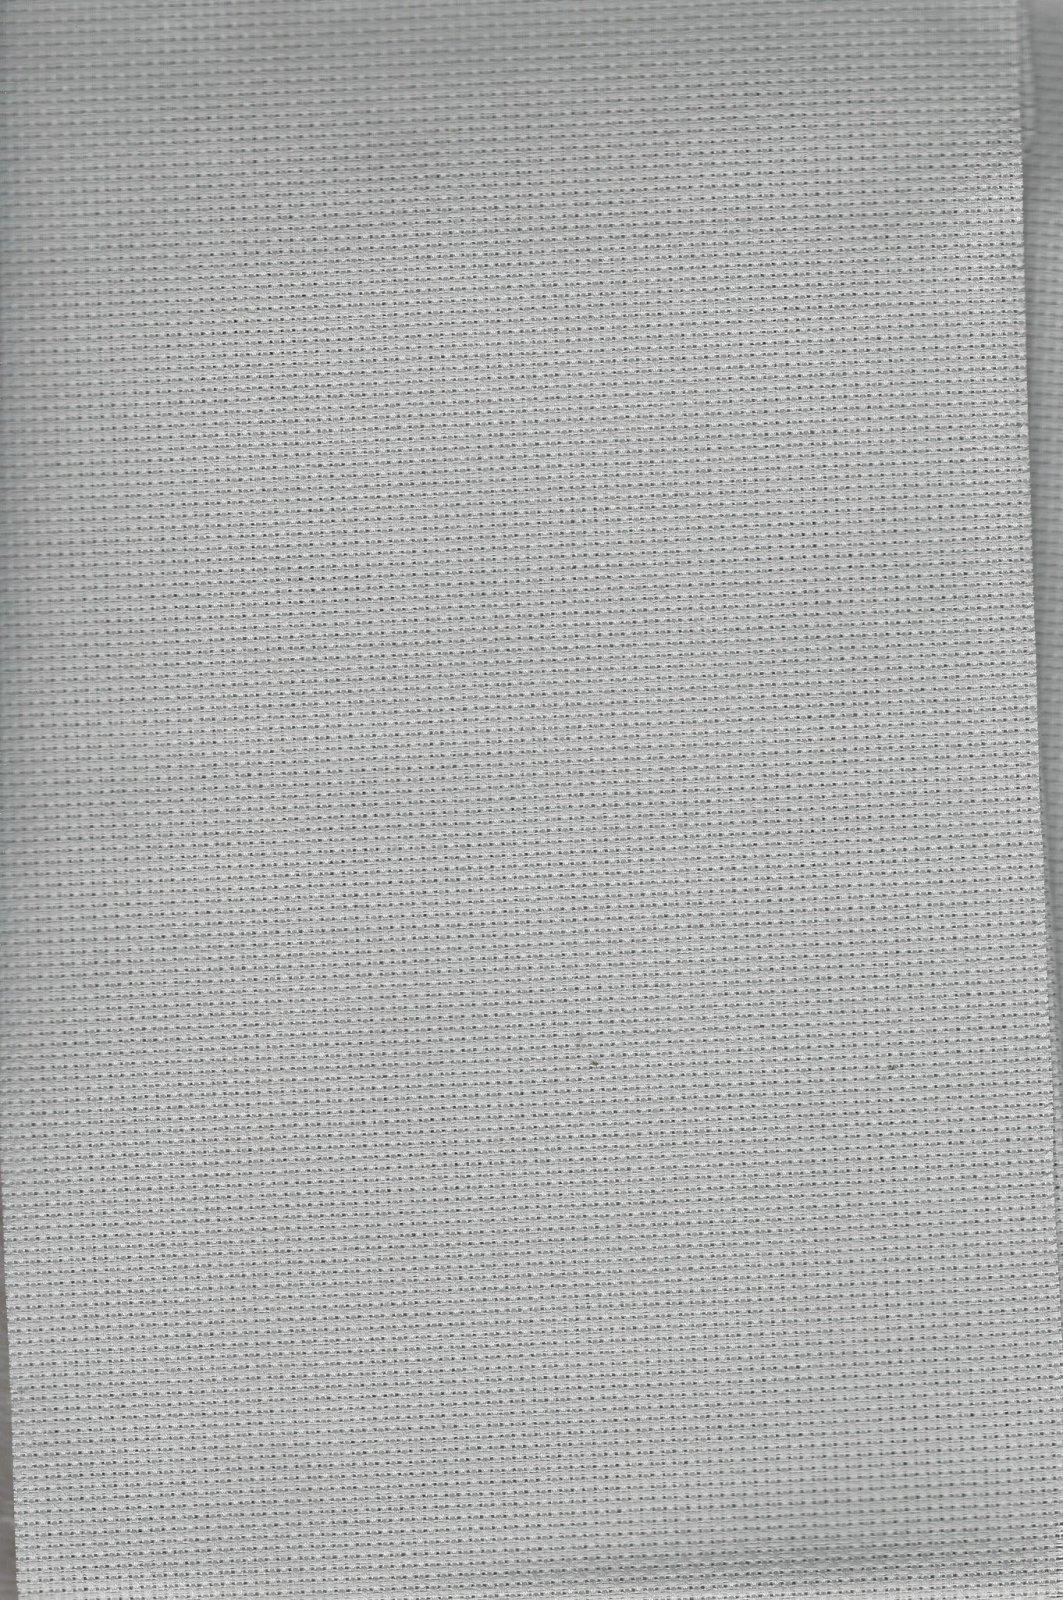 Aida 14ct Confederate Grey (discontinued color)